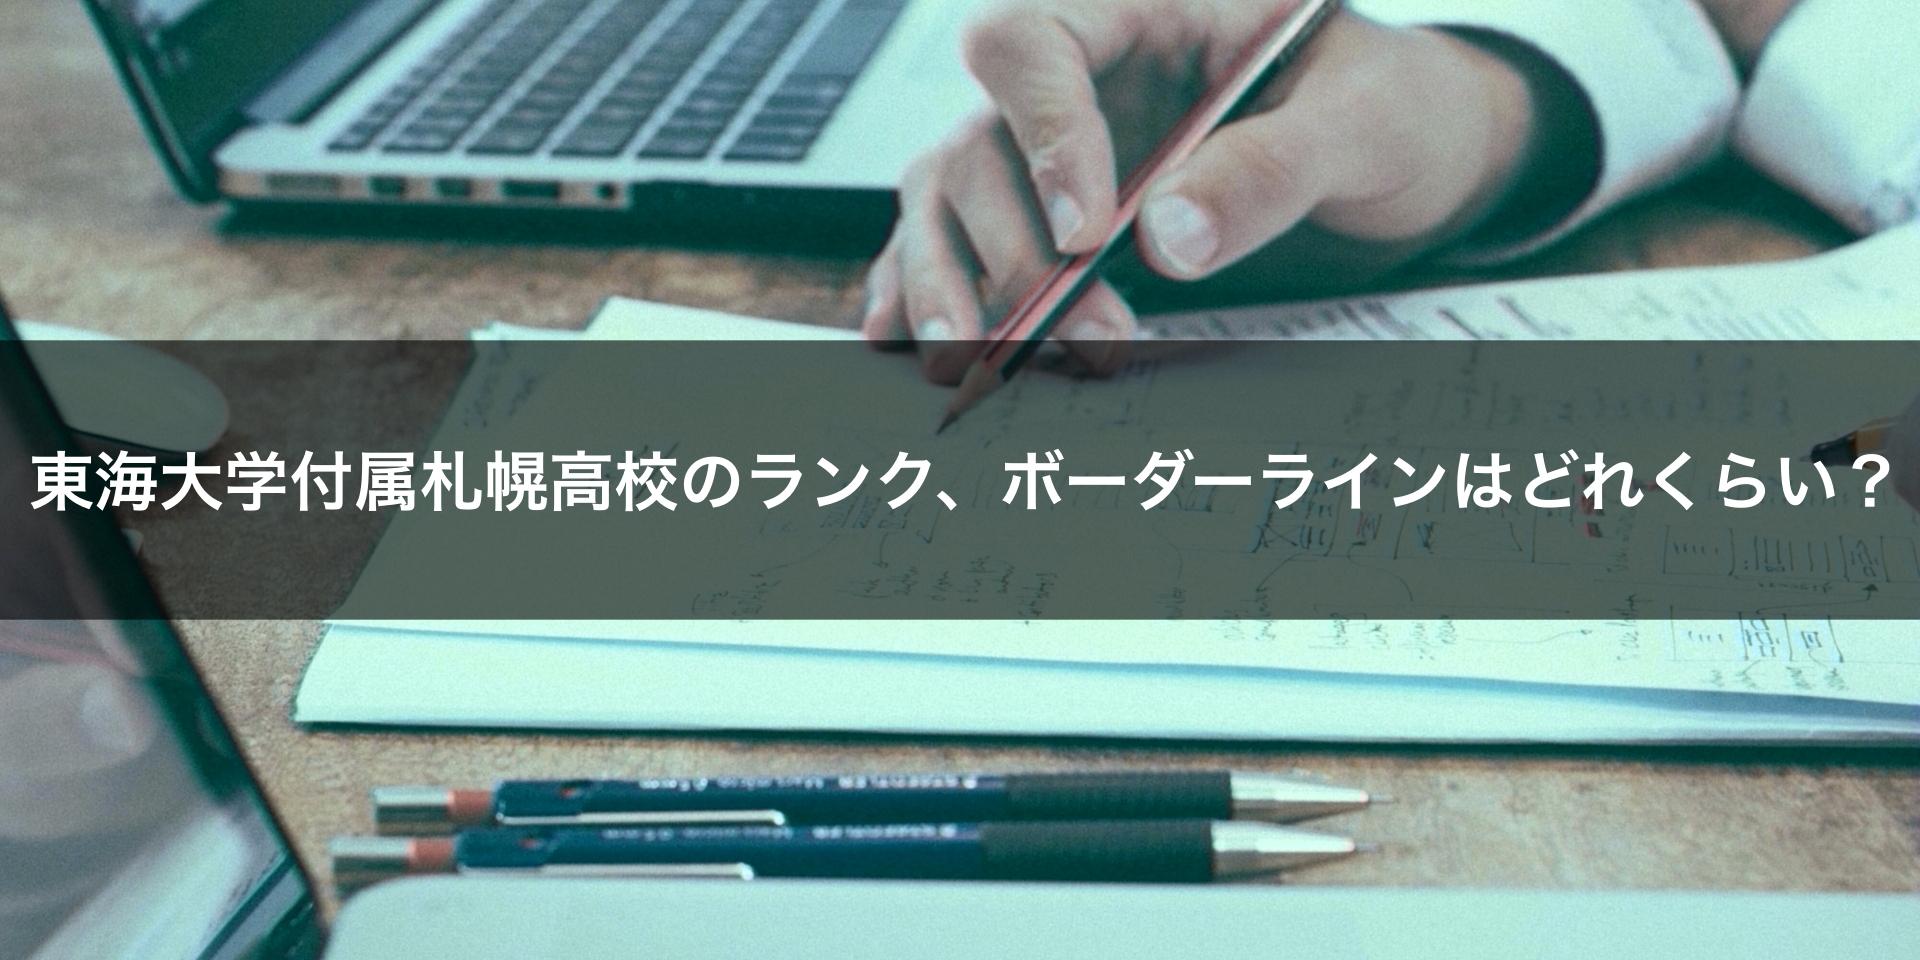 東海大学付属札幌高校のランク、ボーダーラインはどれくらい?